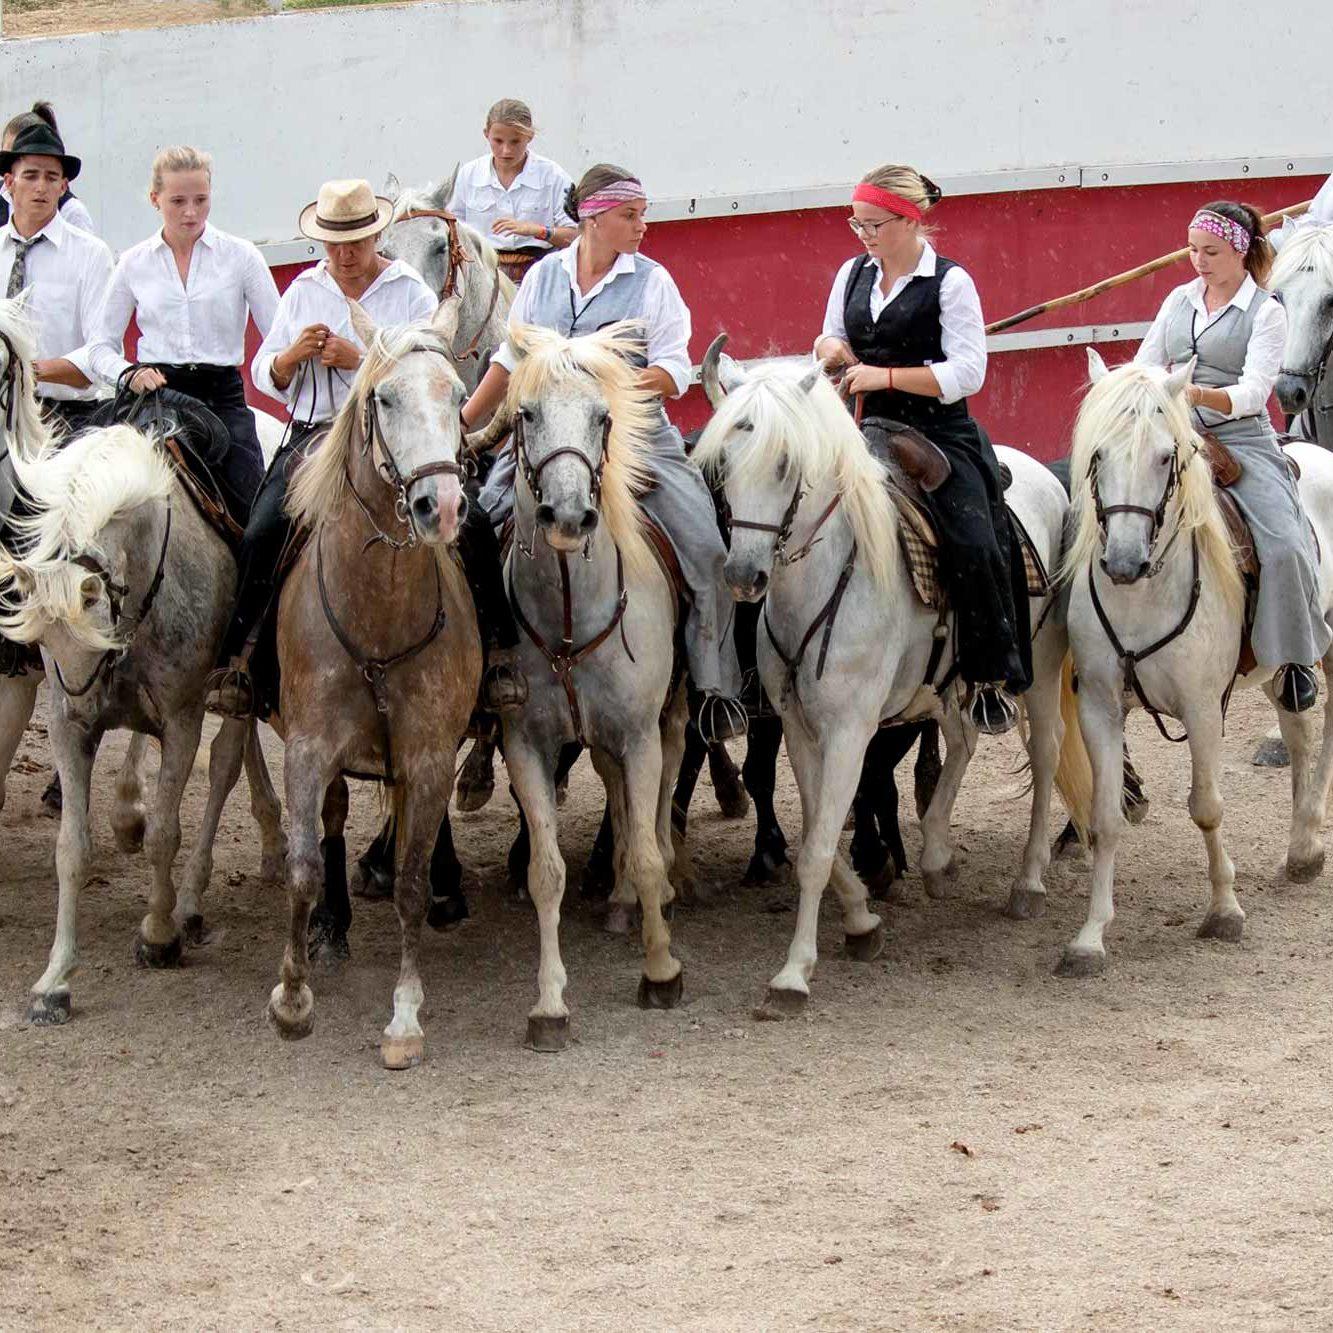 domaine-fangouse-manade-elevage-taureaux-chevaux-camargue-location-salle-mariage-evenements-caleche-lattes-perols-montpellier-mauguio-occitanie-bouches-rhone-visuel-1